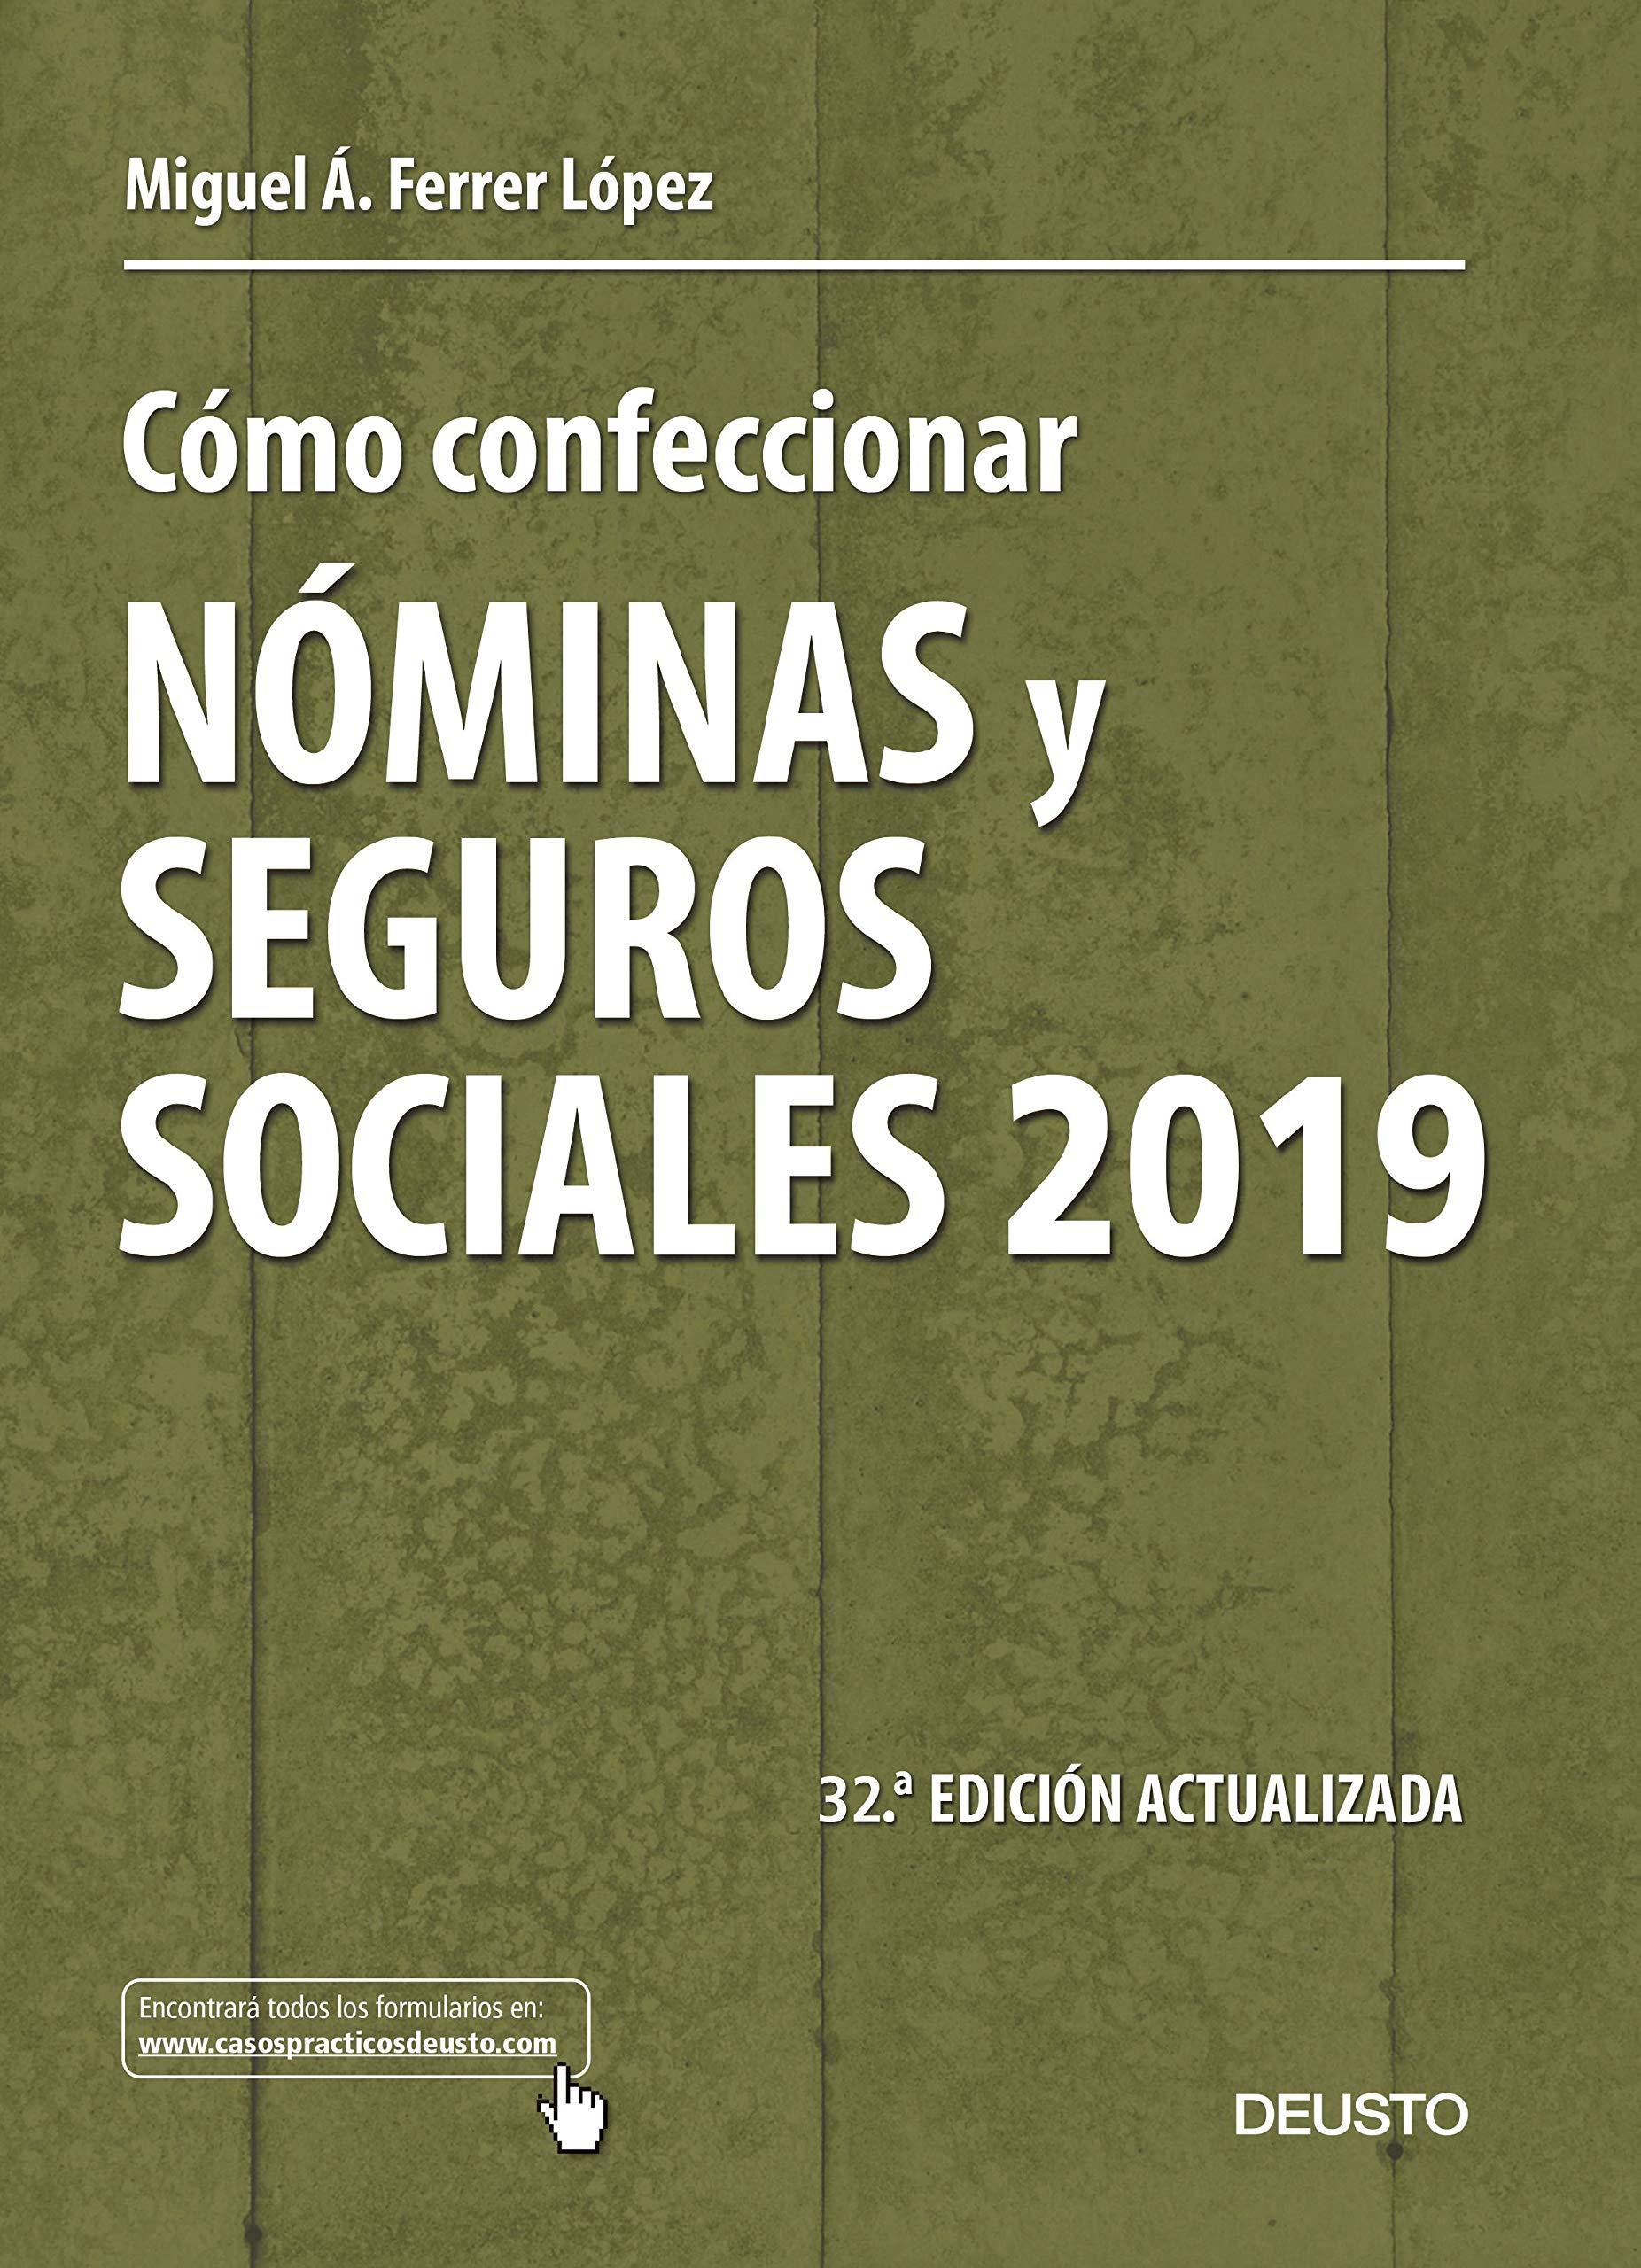 Cómo confeccionar nóminas y seguros sociales 2019 (Sin colección)